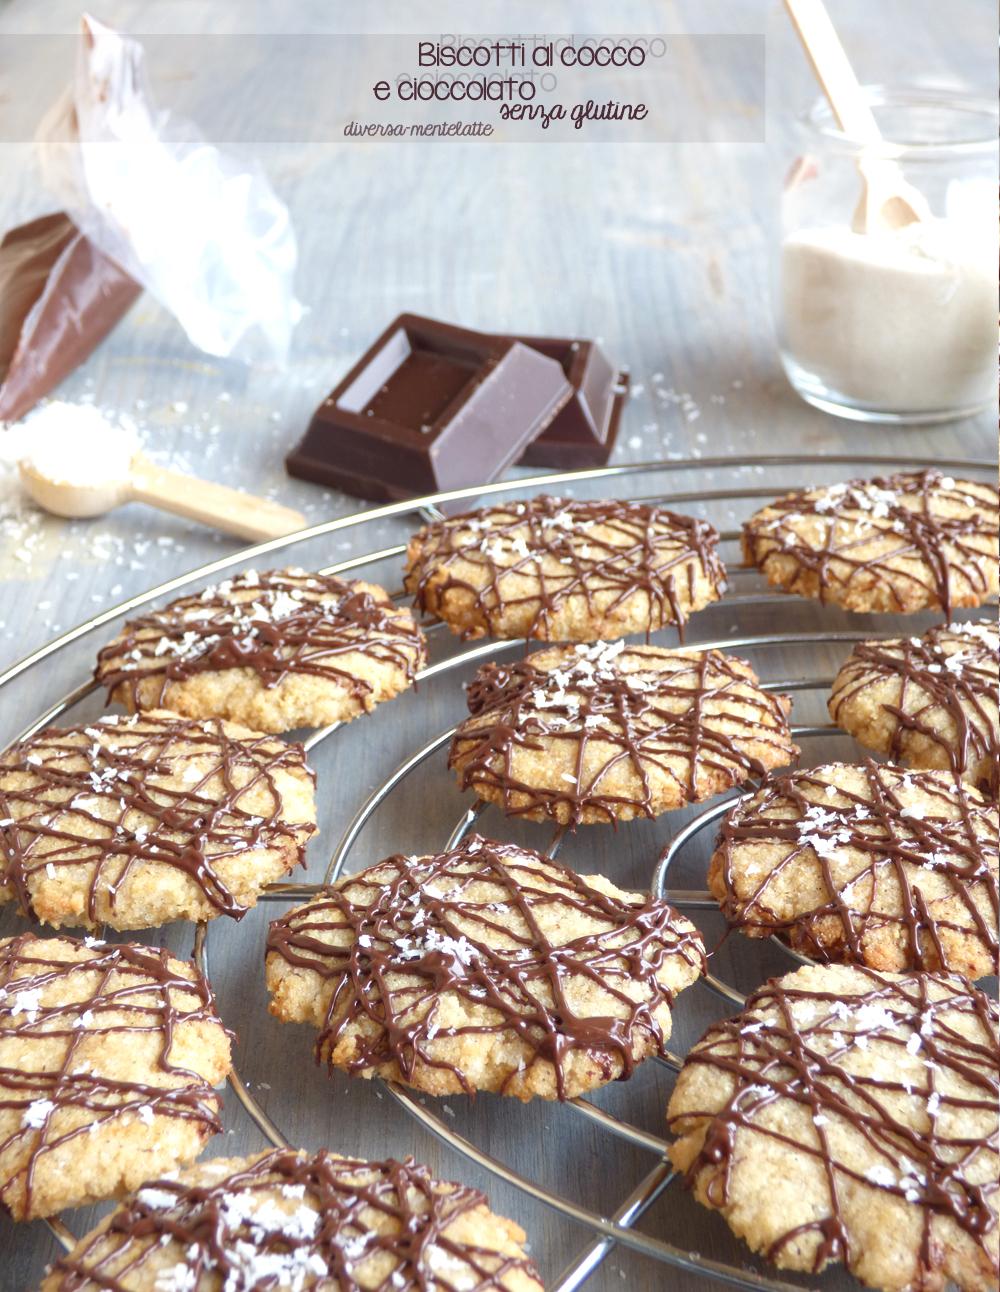 biscotti cocco e cioccolato senza lattosio